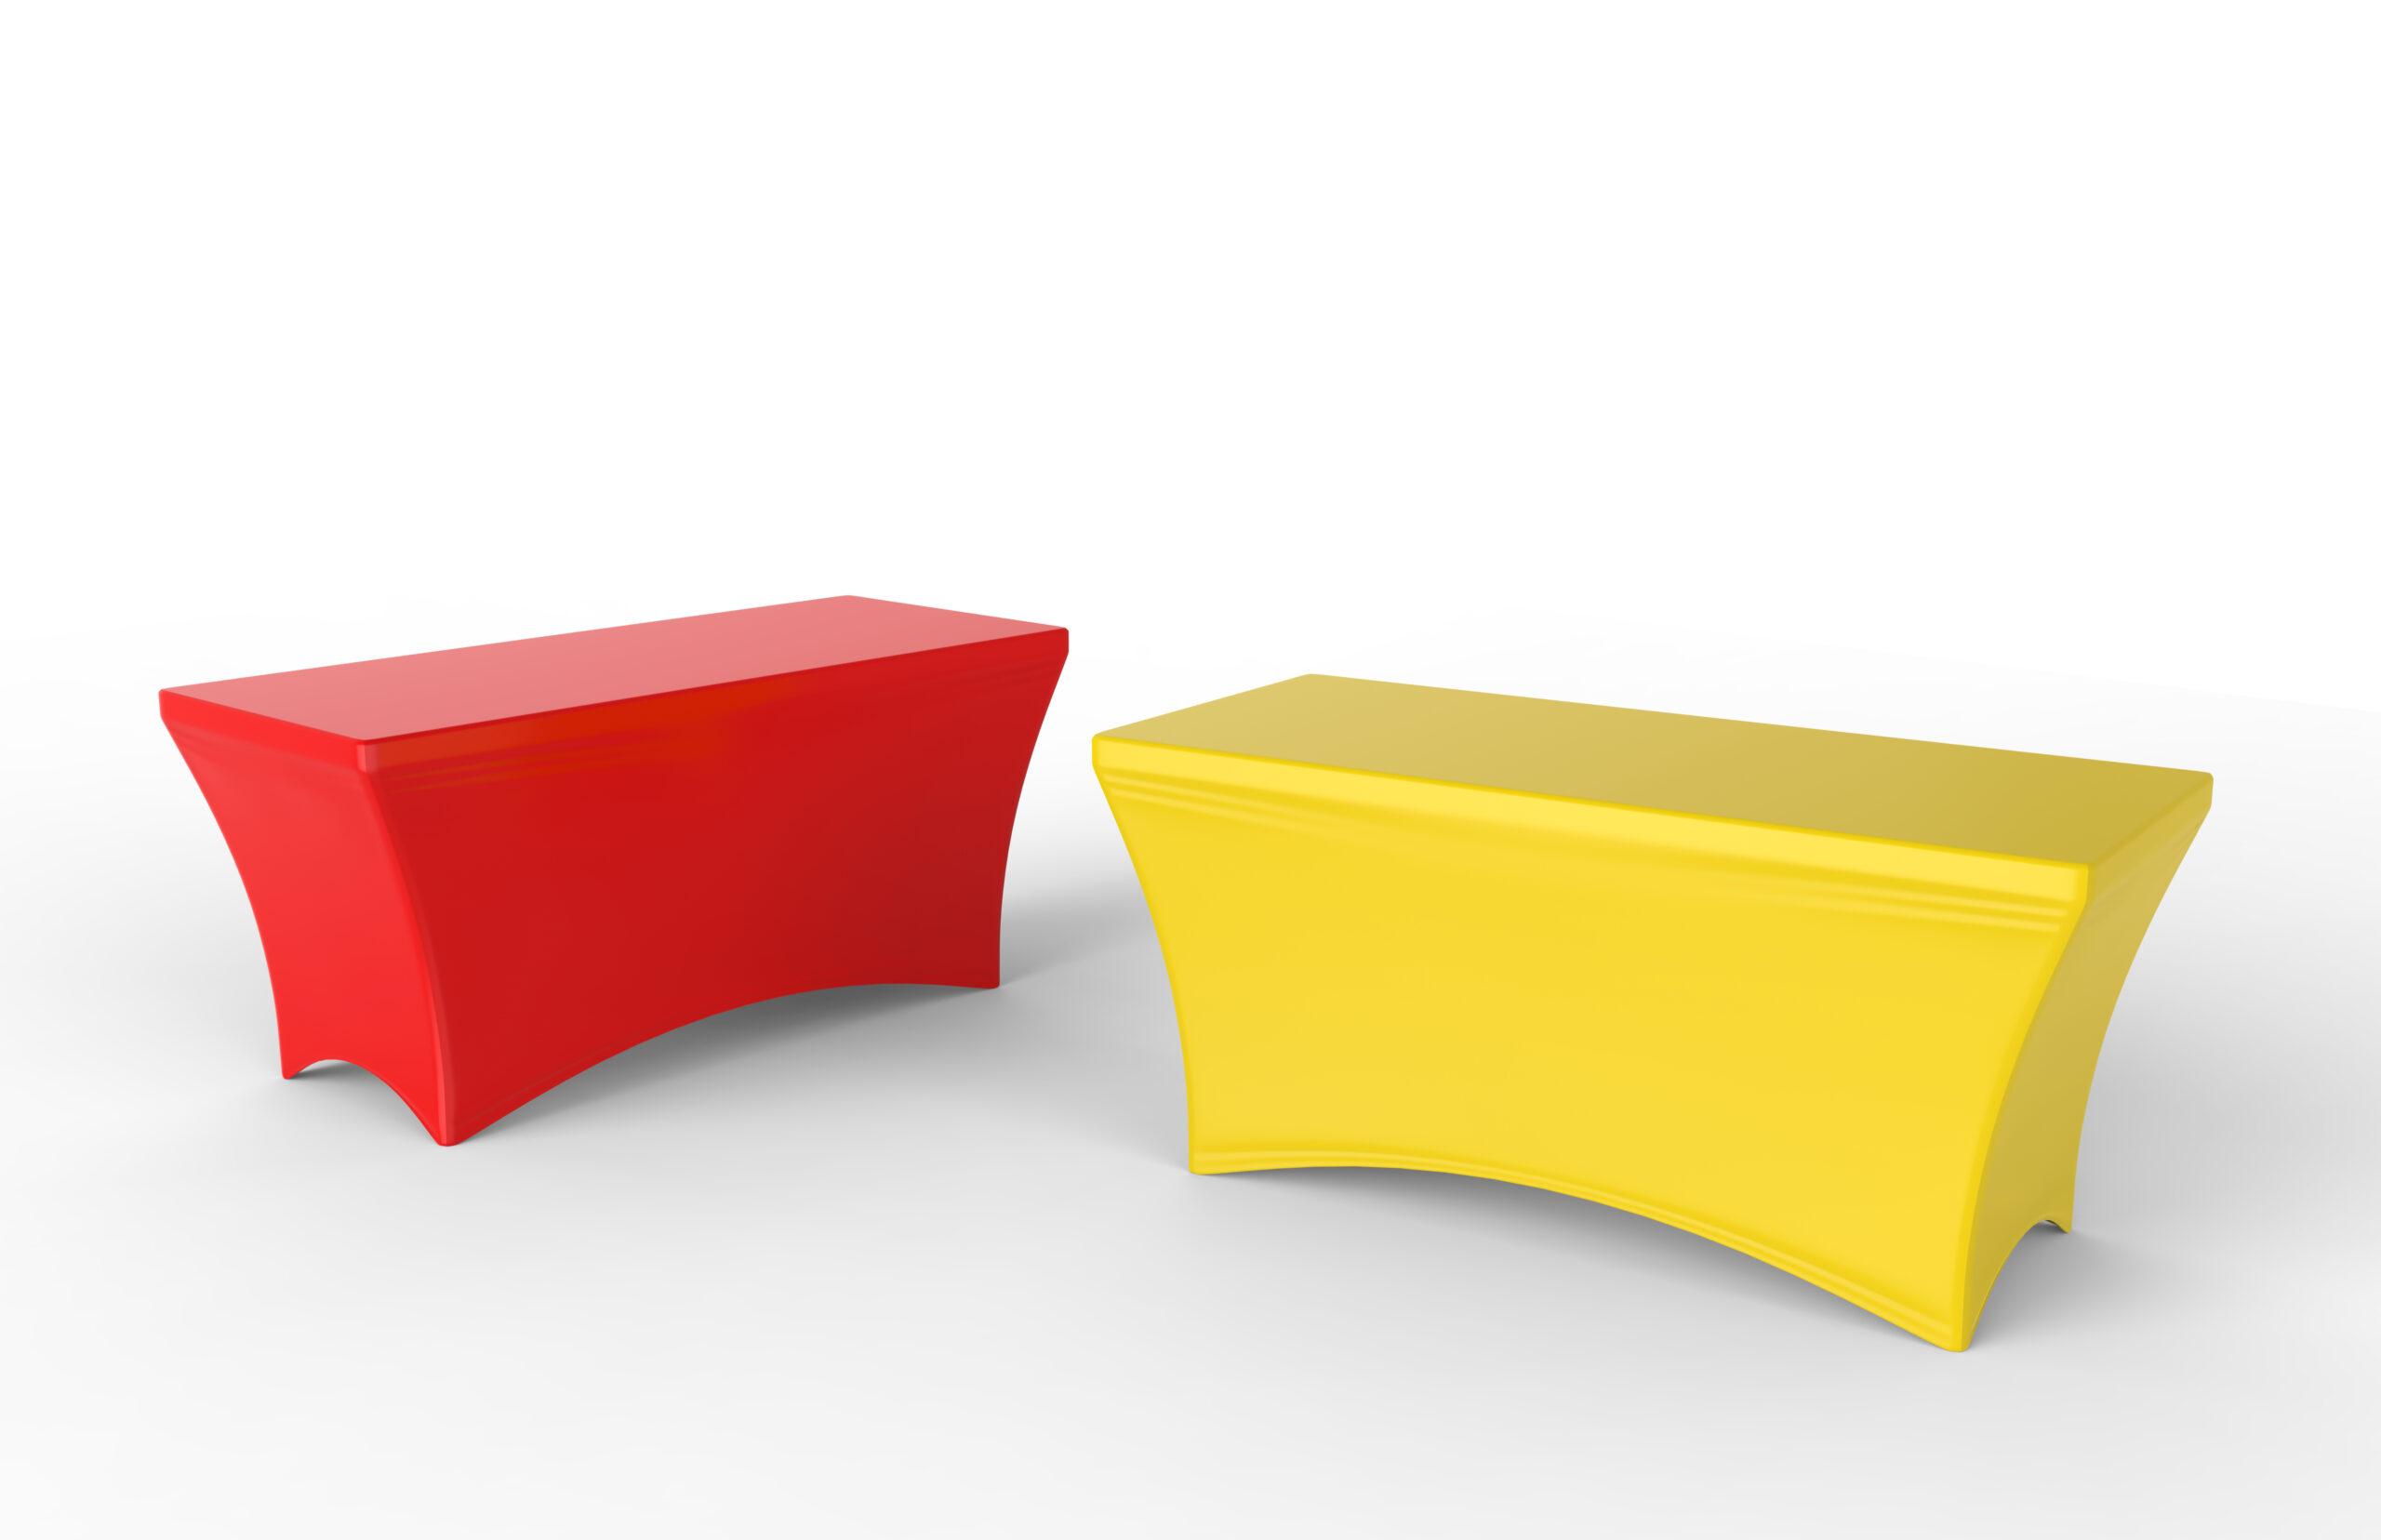 空白の展示会広告テーブルクロスはダイニングスパンデックステーブルカバーを使用しました。 3Dレンダリングイラスト。